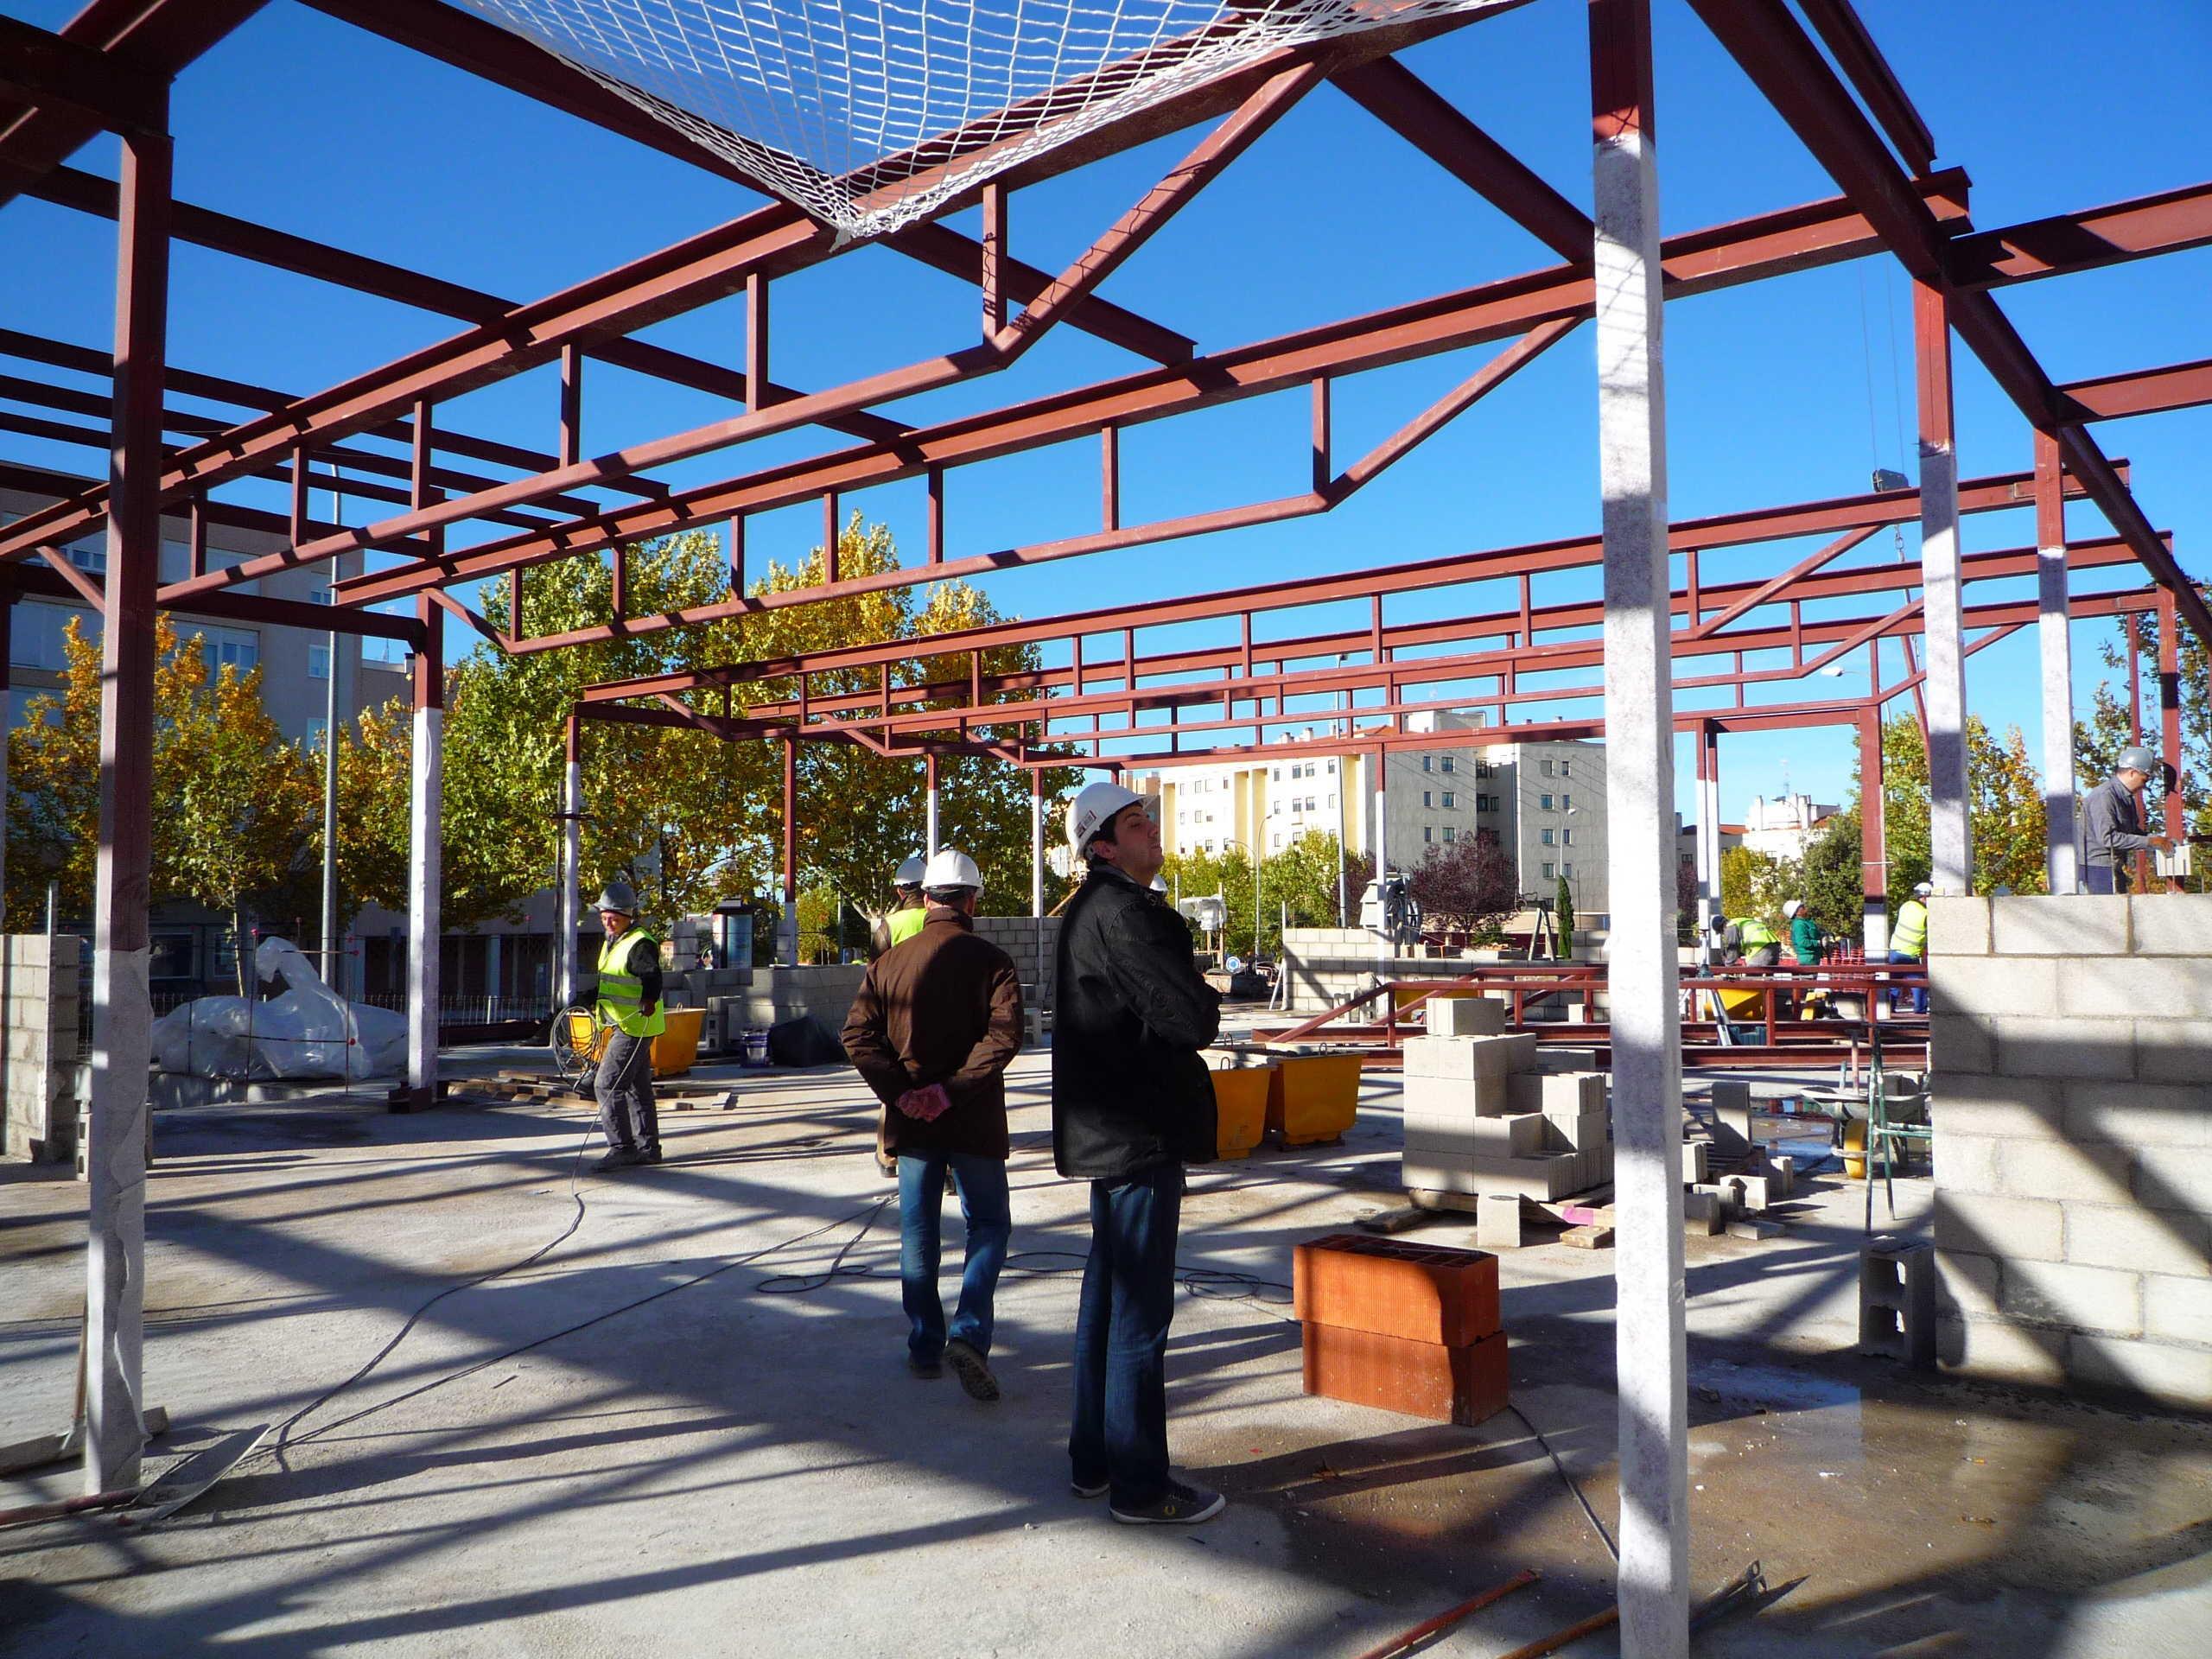 Restaurante Burger King (Guadalajara)</br></br> 2013</br></br> <h4>Cliente: BiArquitectos (Luis Biarge y Pedro Biarge)</h4>